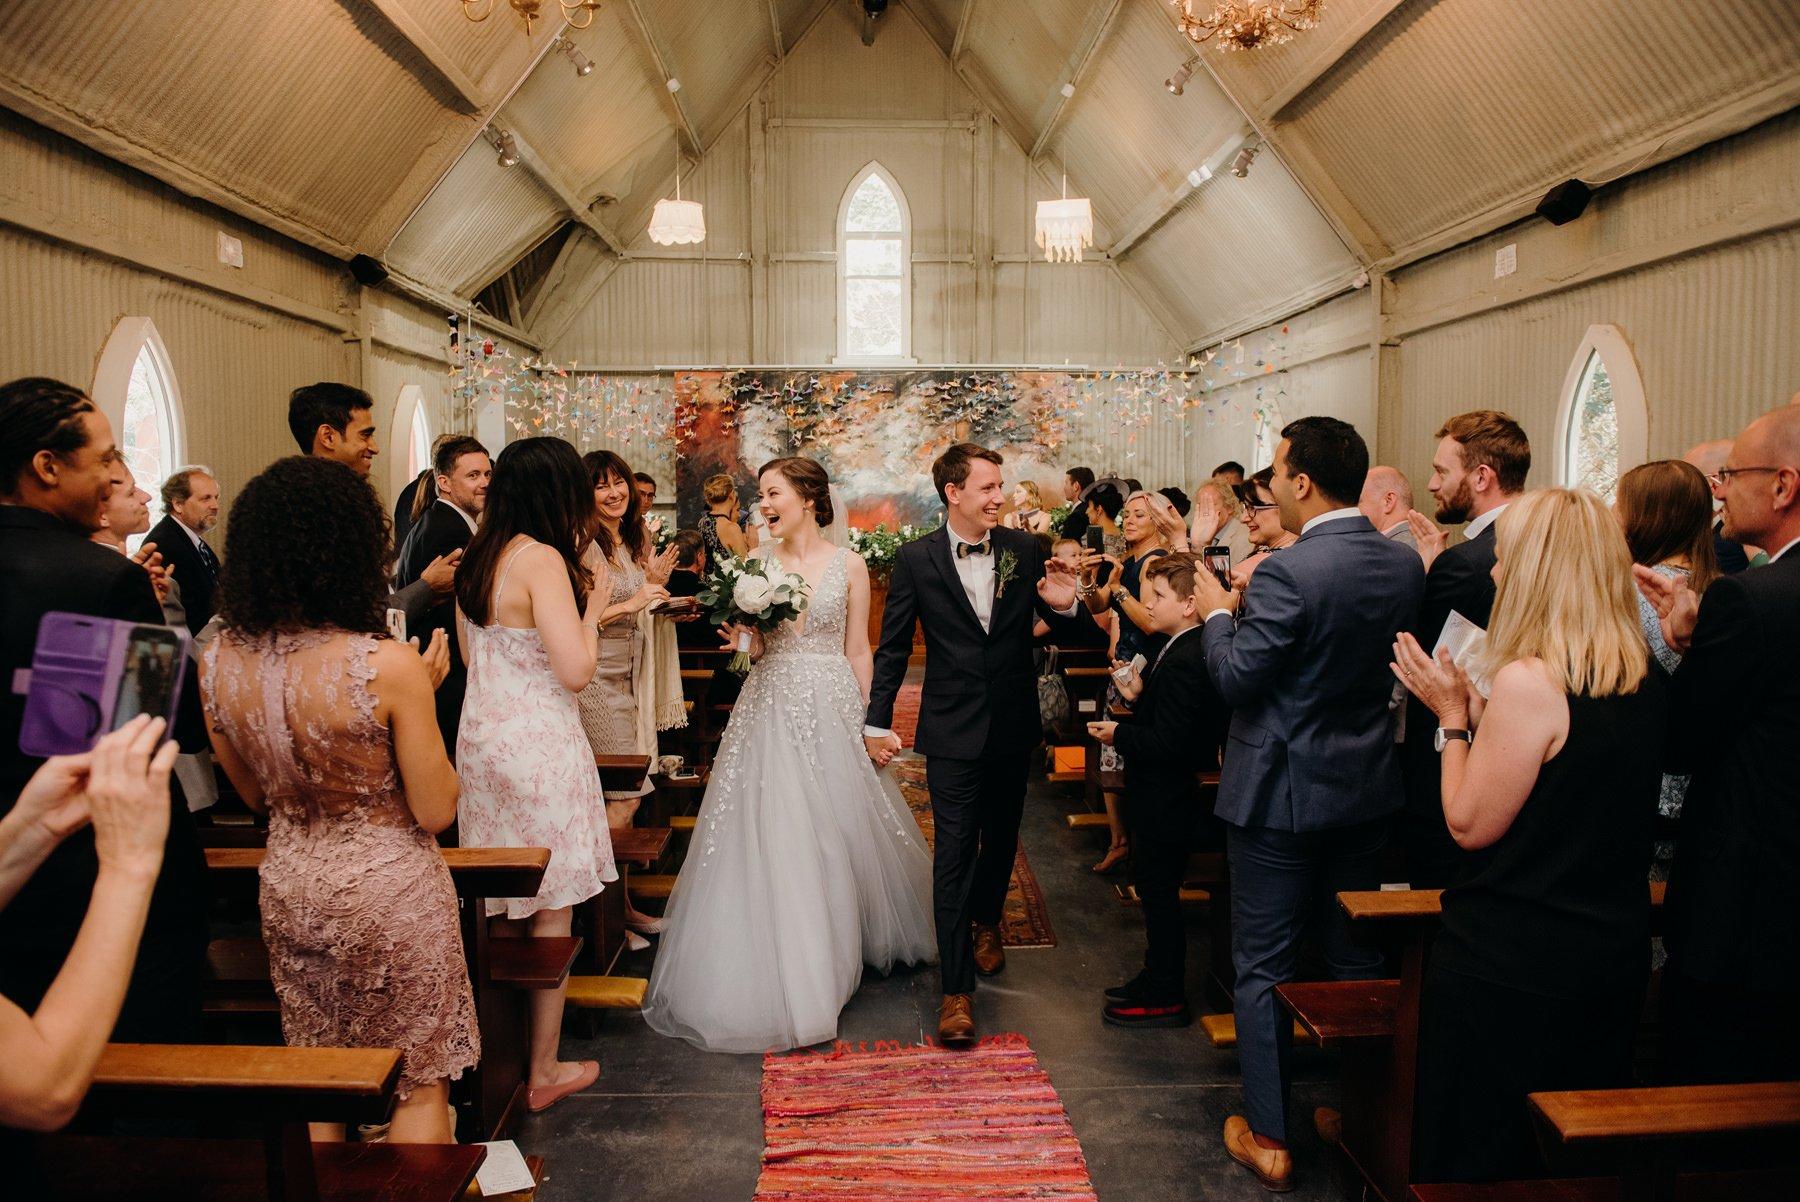 Alternative Wedding Ireland - Whimsical Mount Druid ceremony